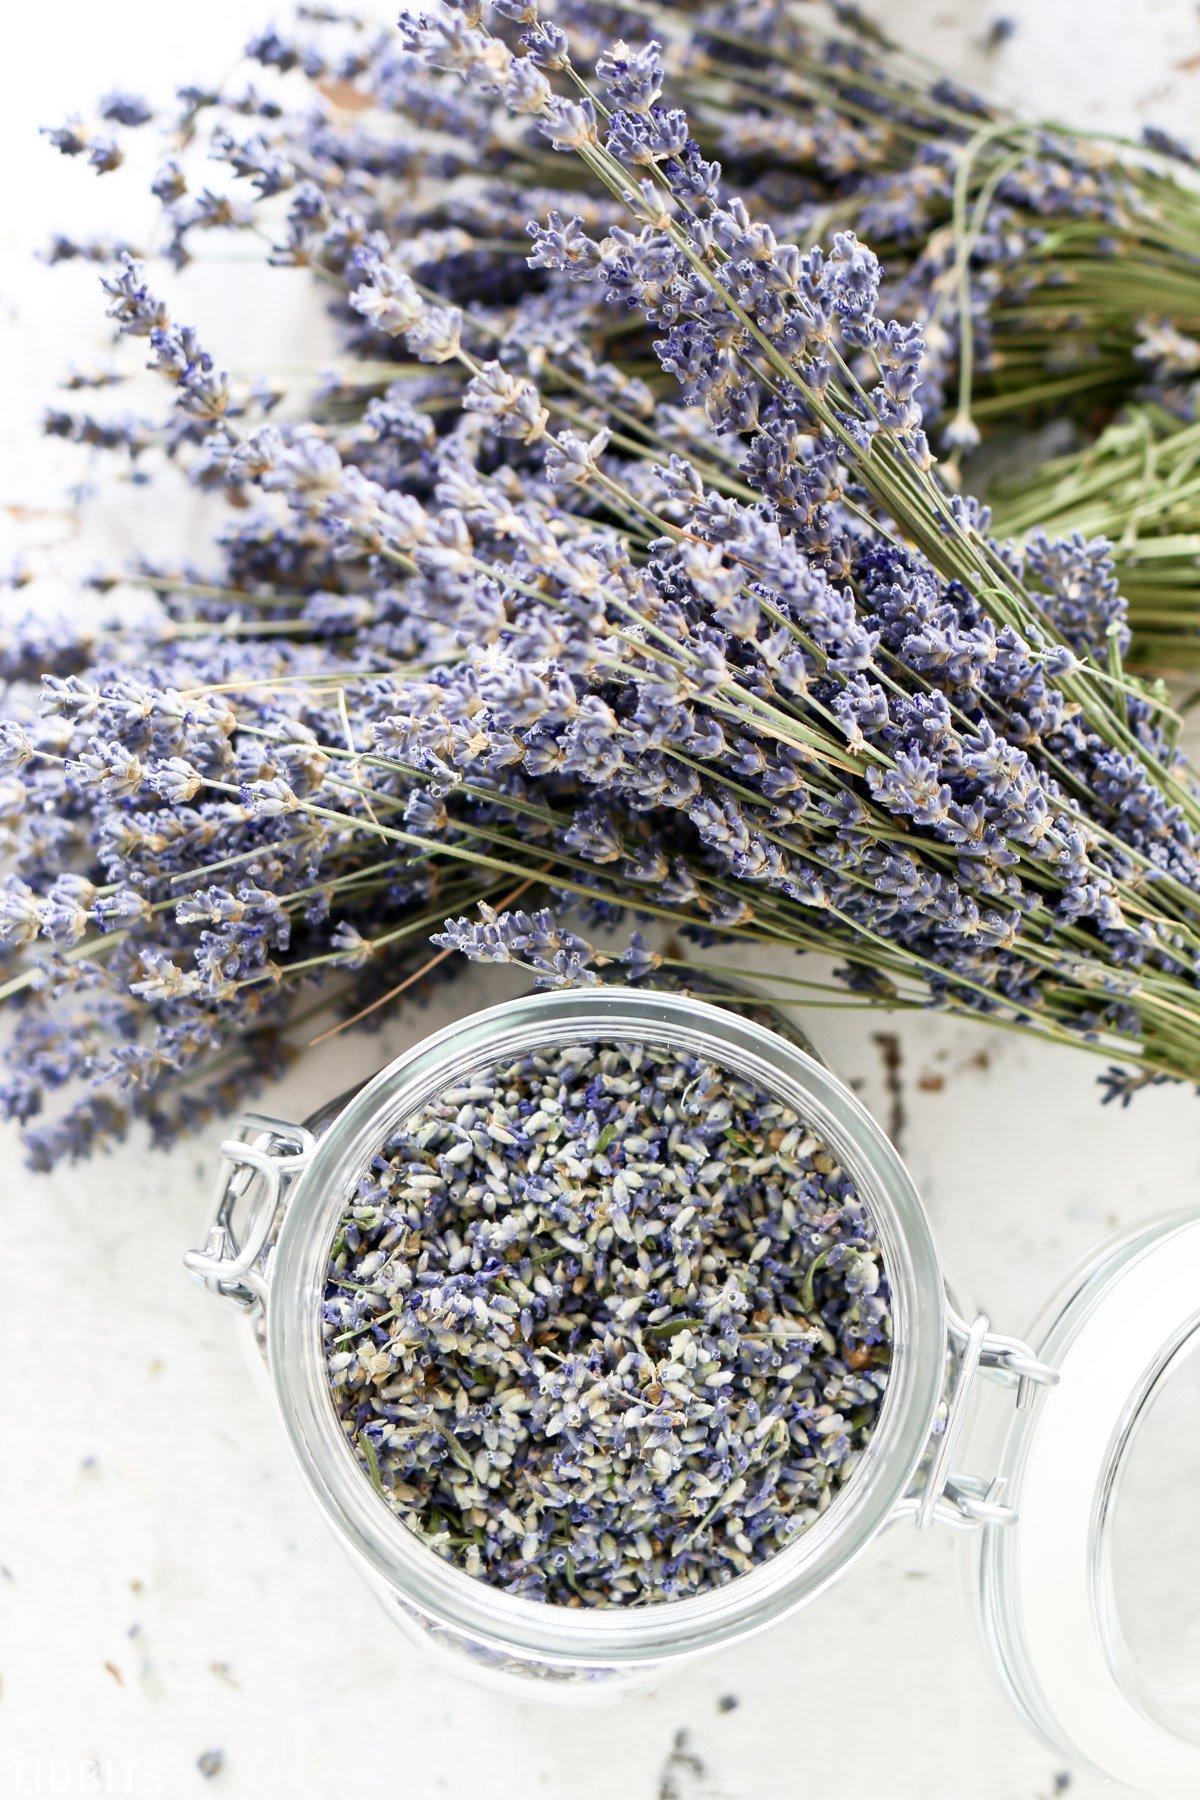 Wie können Sie selber eigenen Lavendel trocknen?